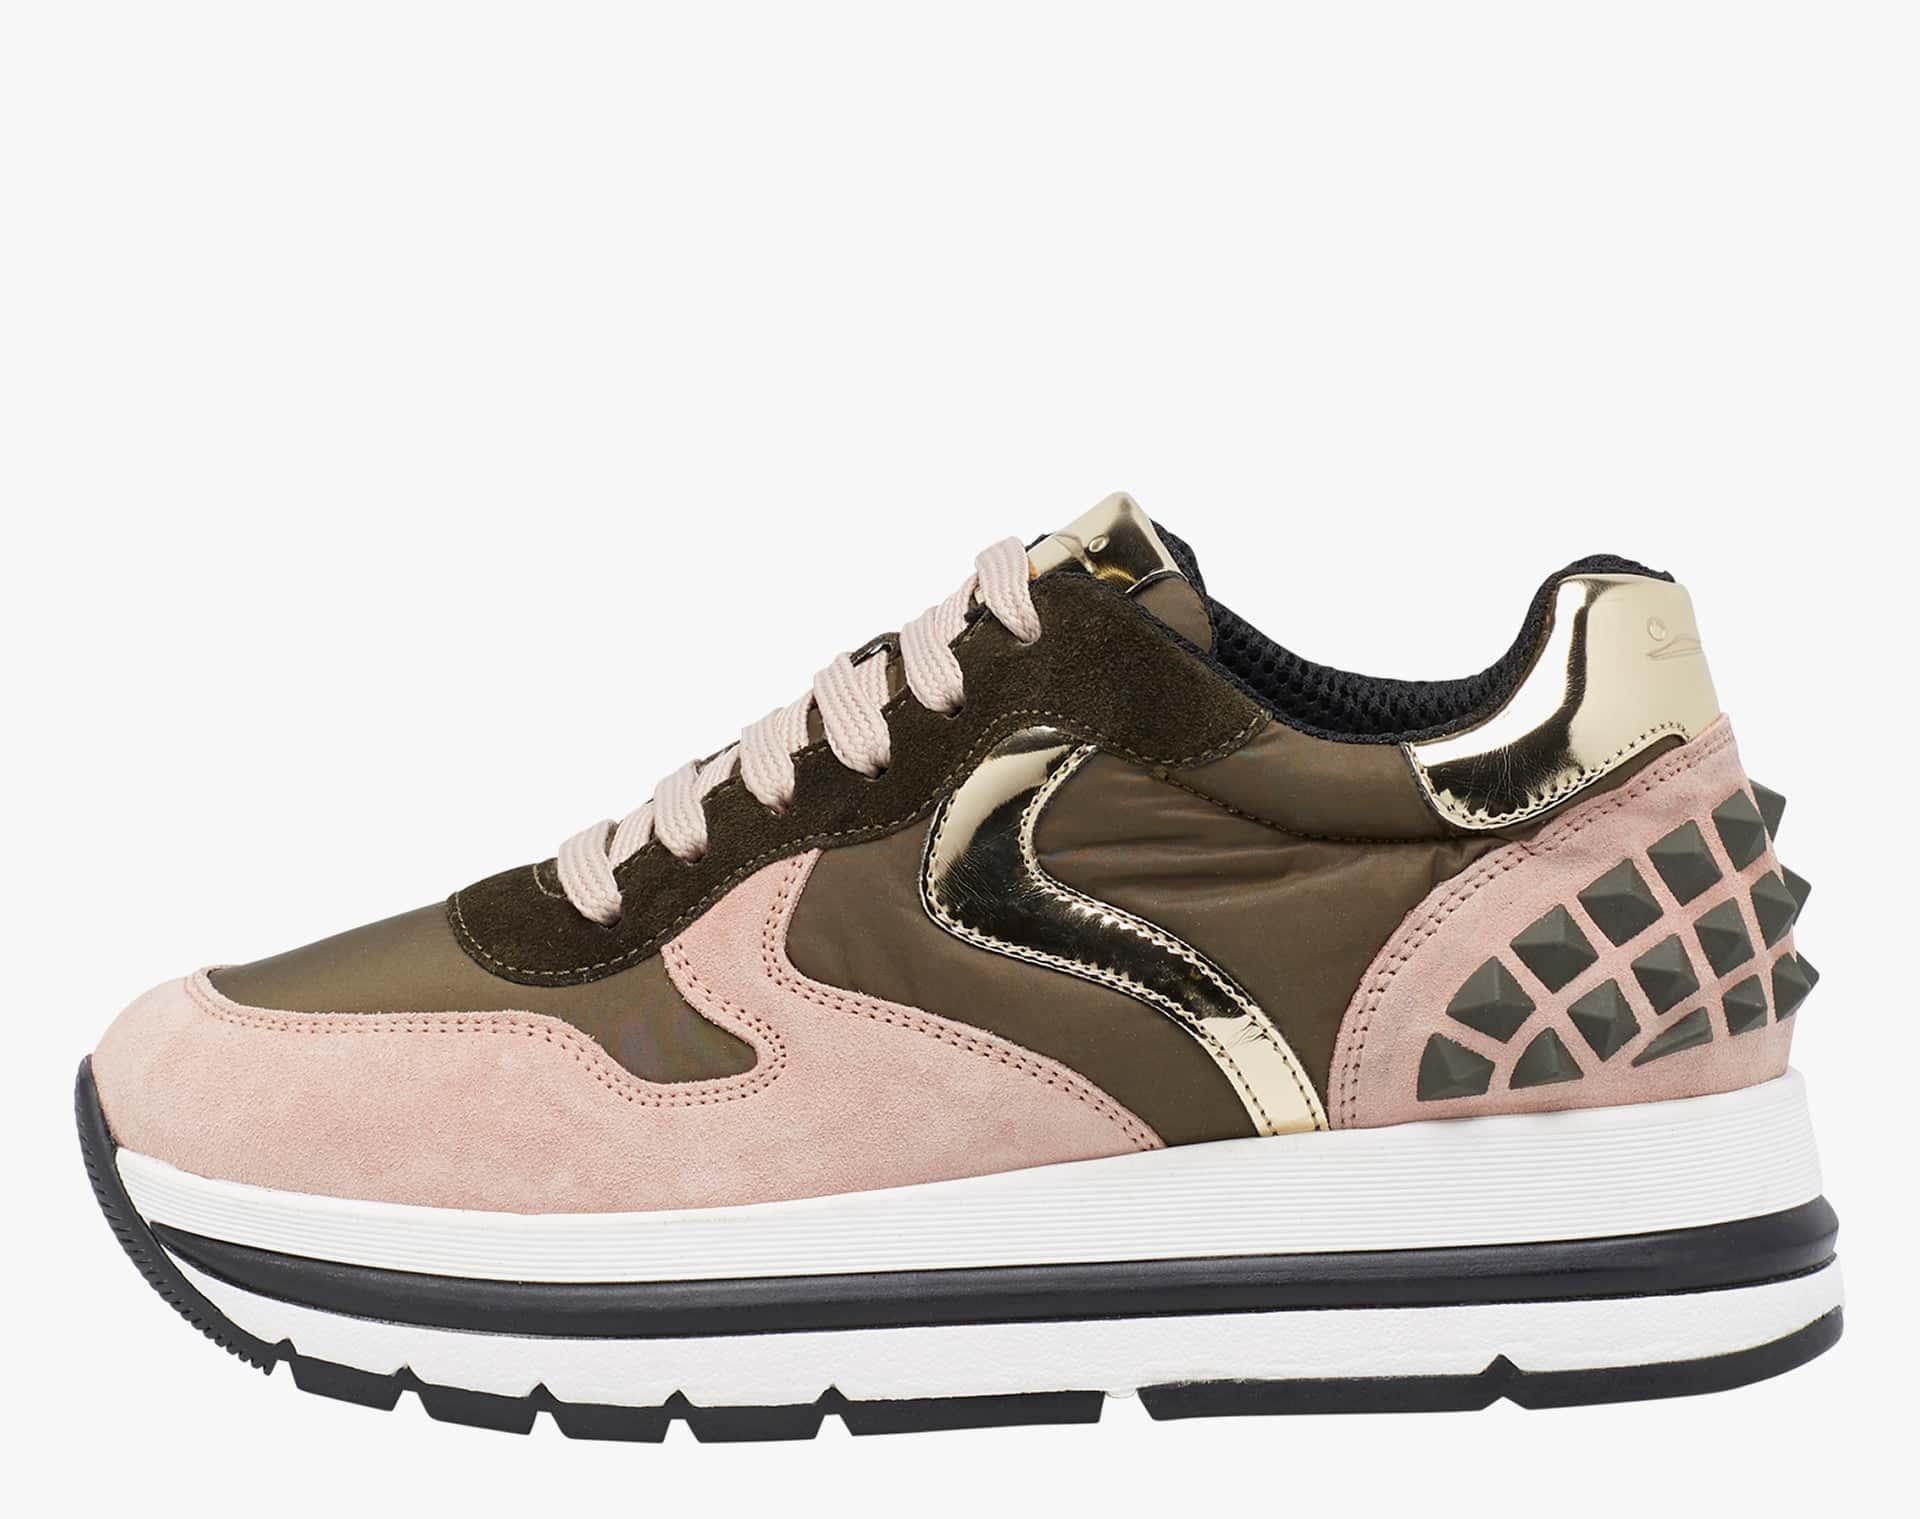 MARAN STUDS - Sneaker in suede con stud - Rosa/Militare